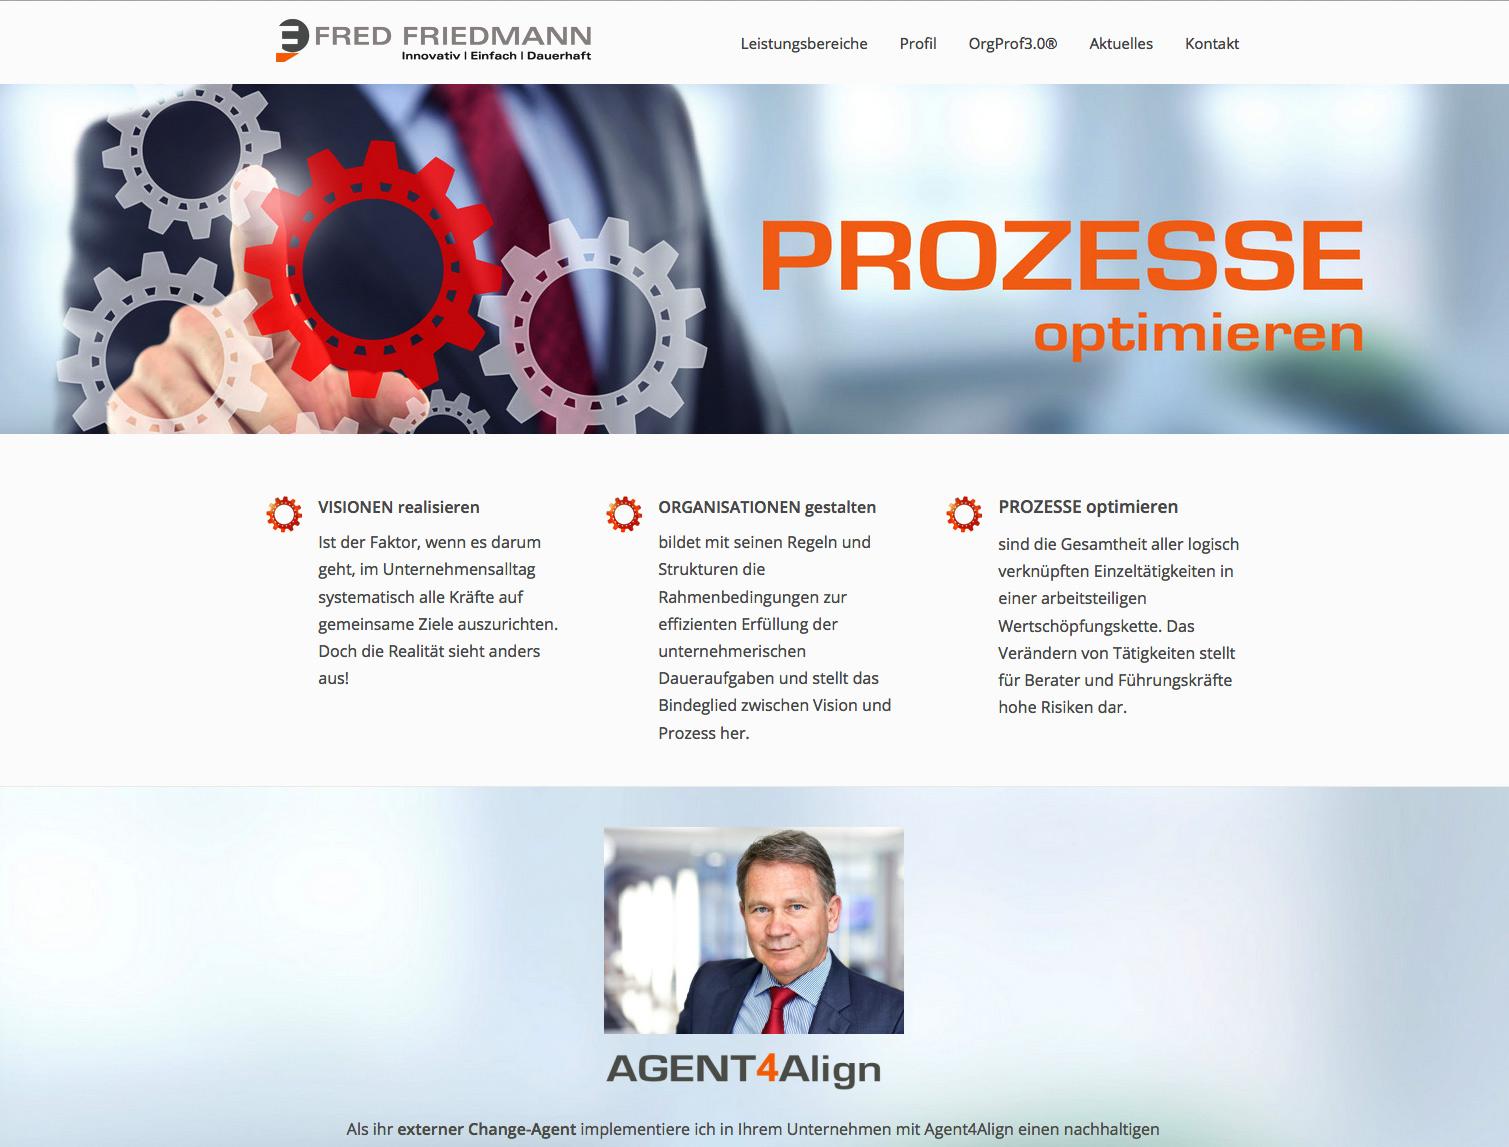 Dr. Fred Friedmann, AGENT4Align®